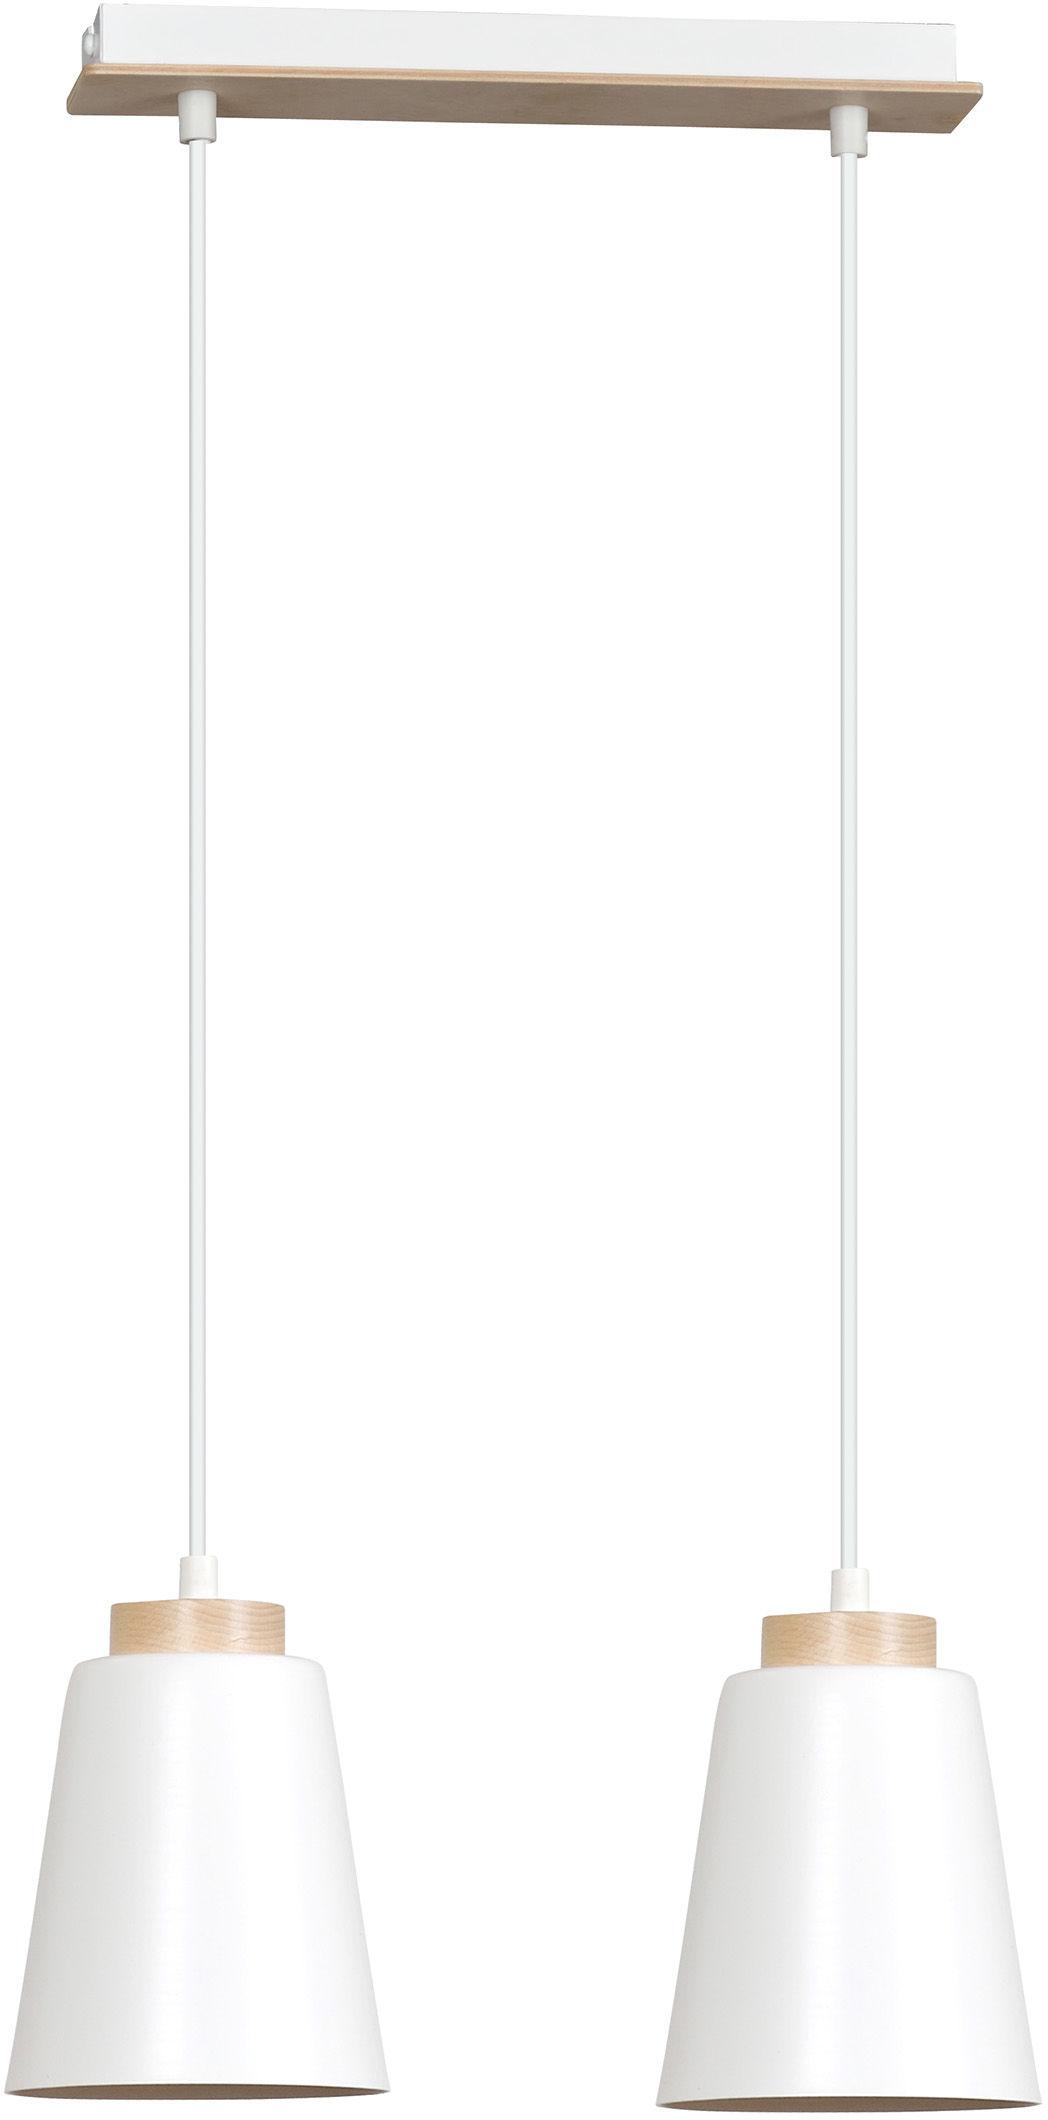 Emibig BOLERO 2 WHITE 443/2 lampa wisząca podwójna styl skandynawski drewno biała 2x60W E27 40cm